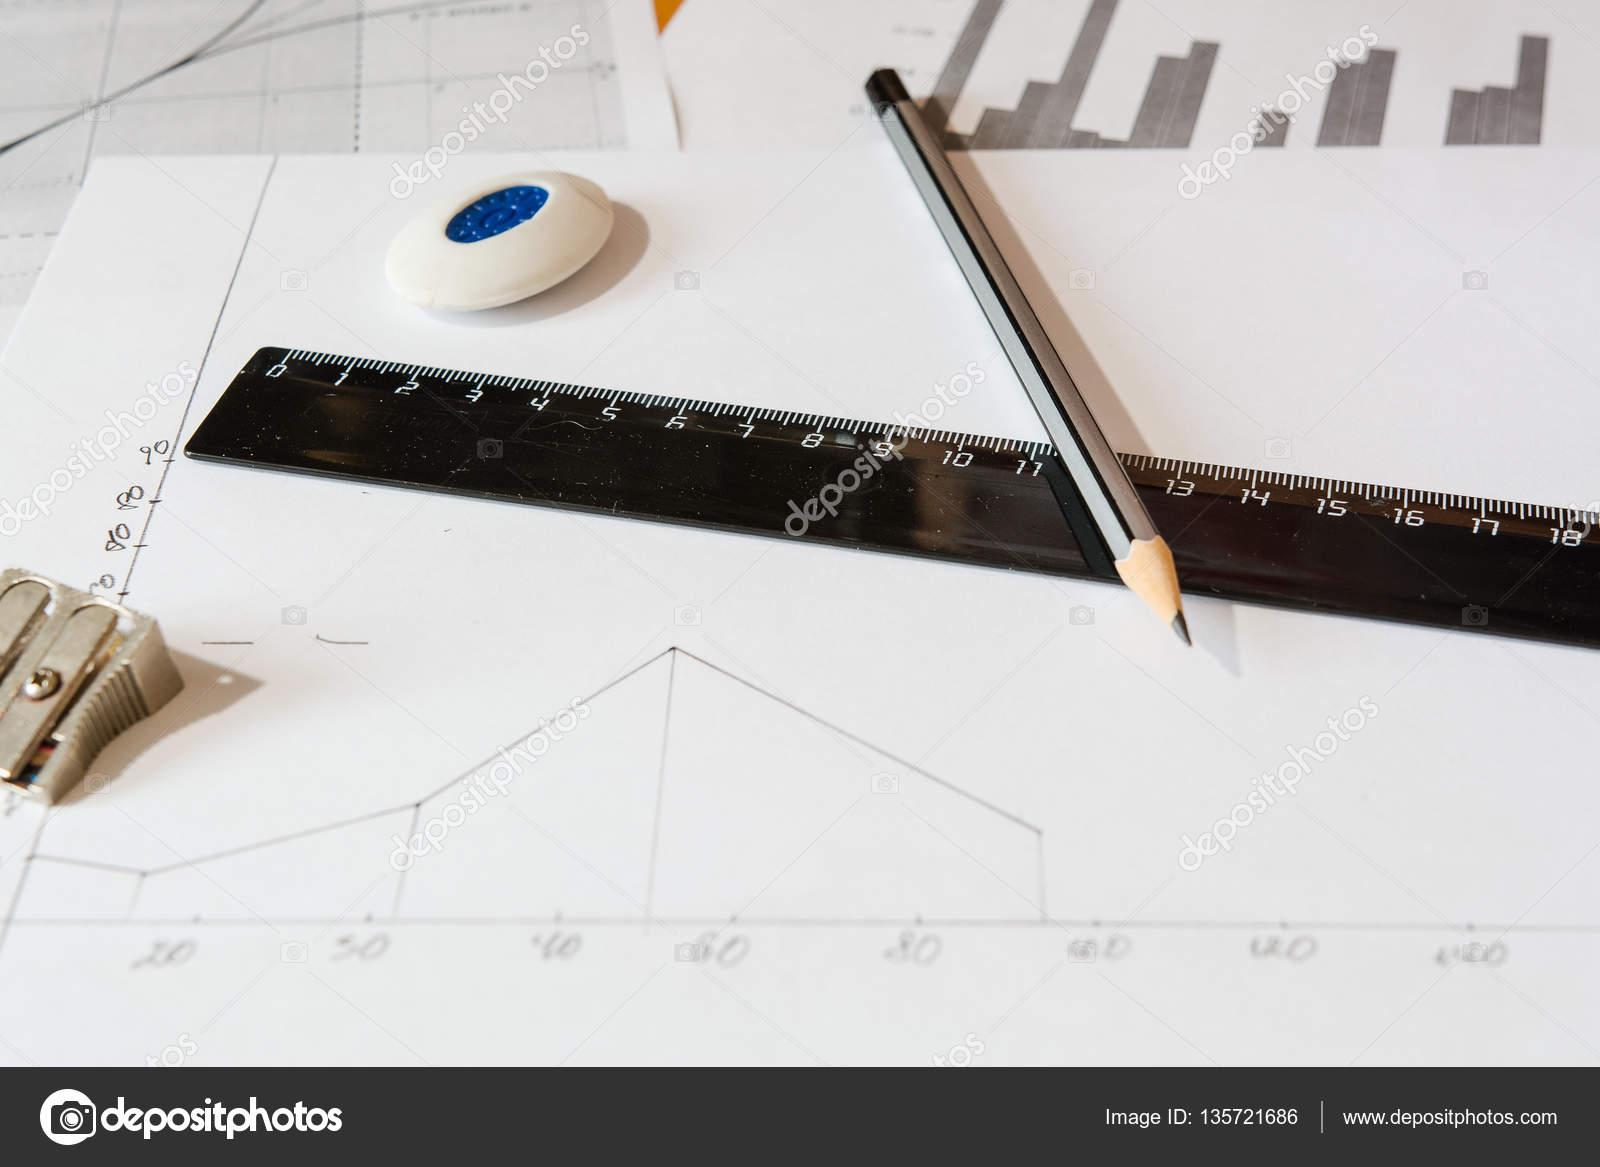 Capo Ufficio Disegno : Disegno capo progetto u2014 foto stock © zhrezem@mail.ru #135721686